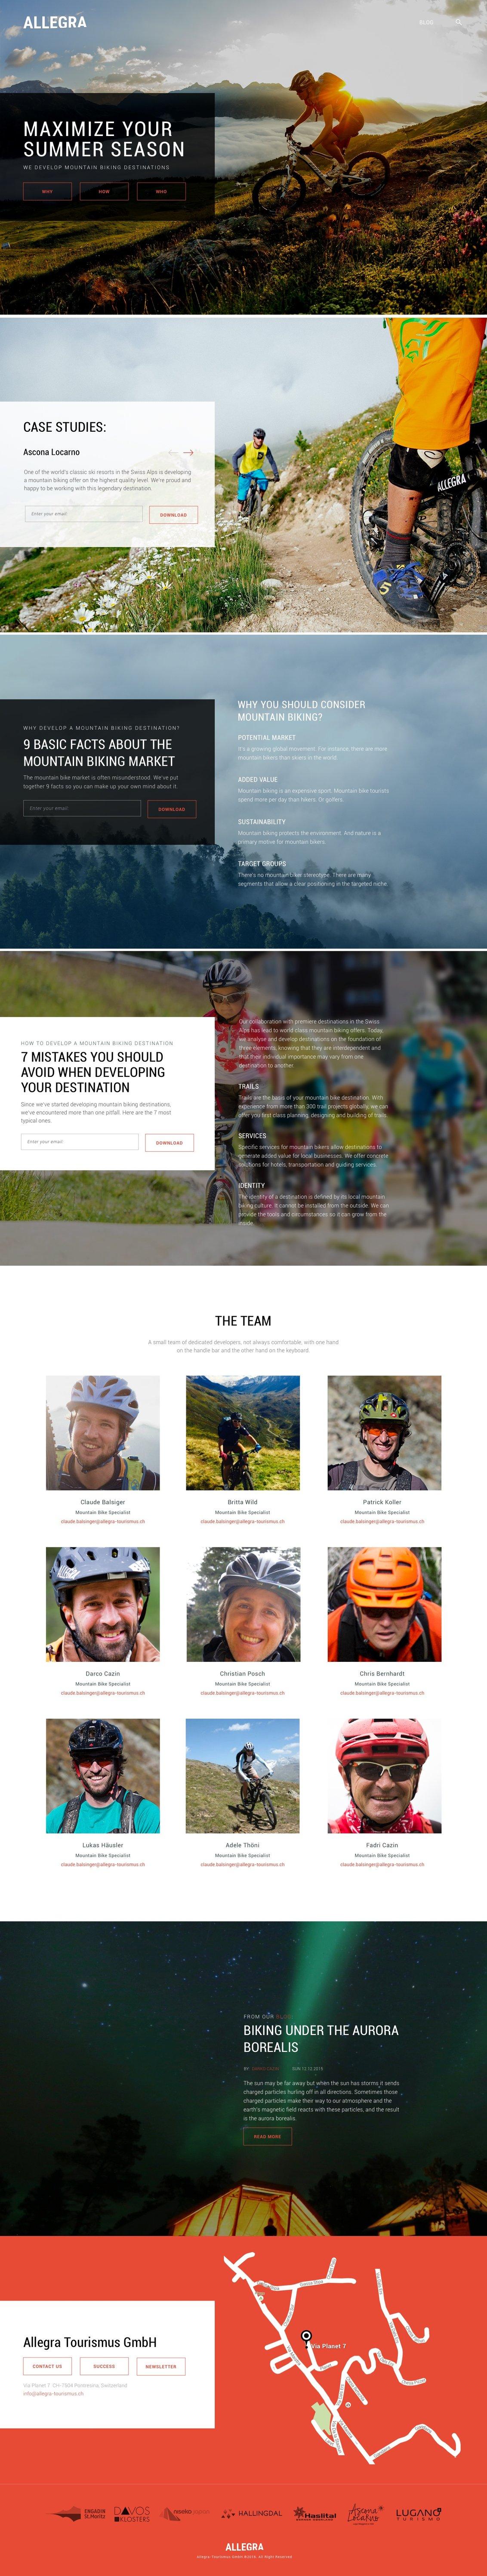 allegra-homepage.jpg